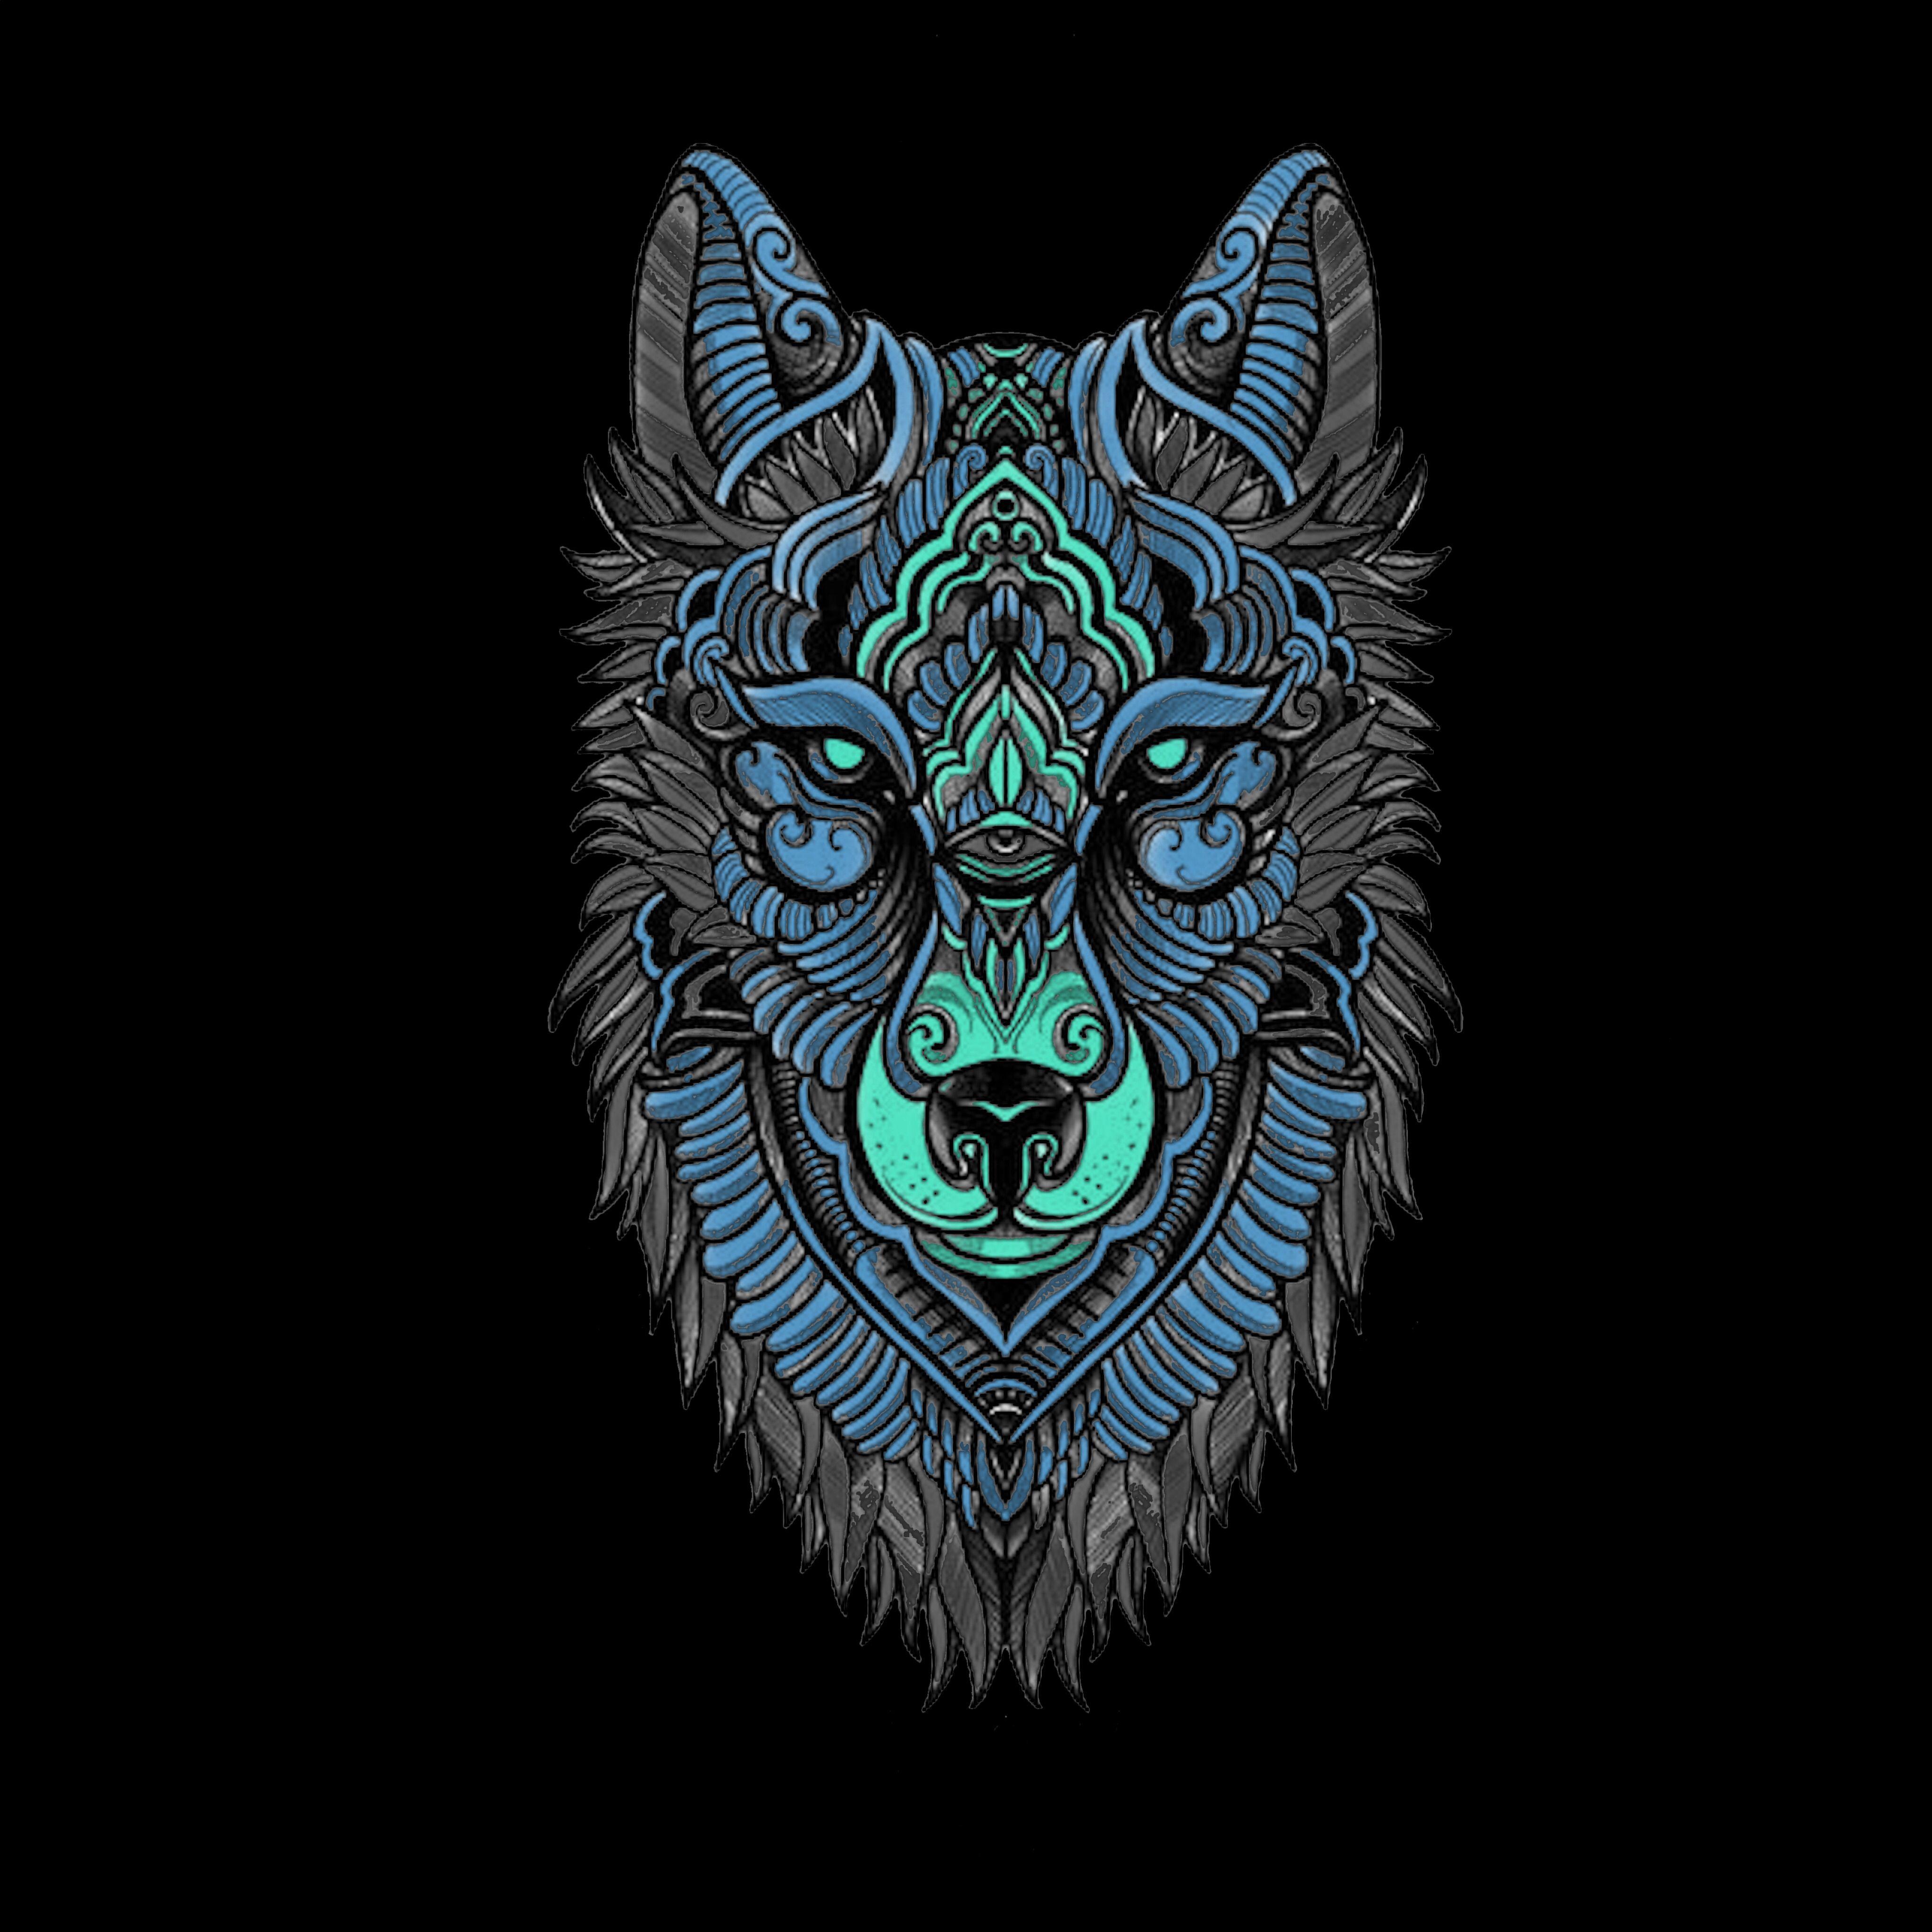 понимать, что картинка волк абстракция именно поэтому